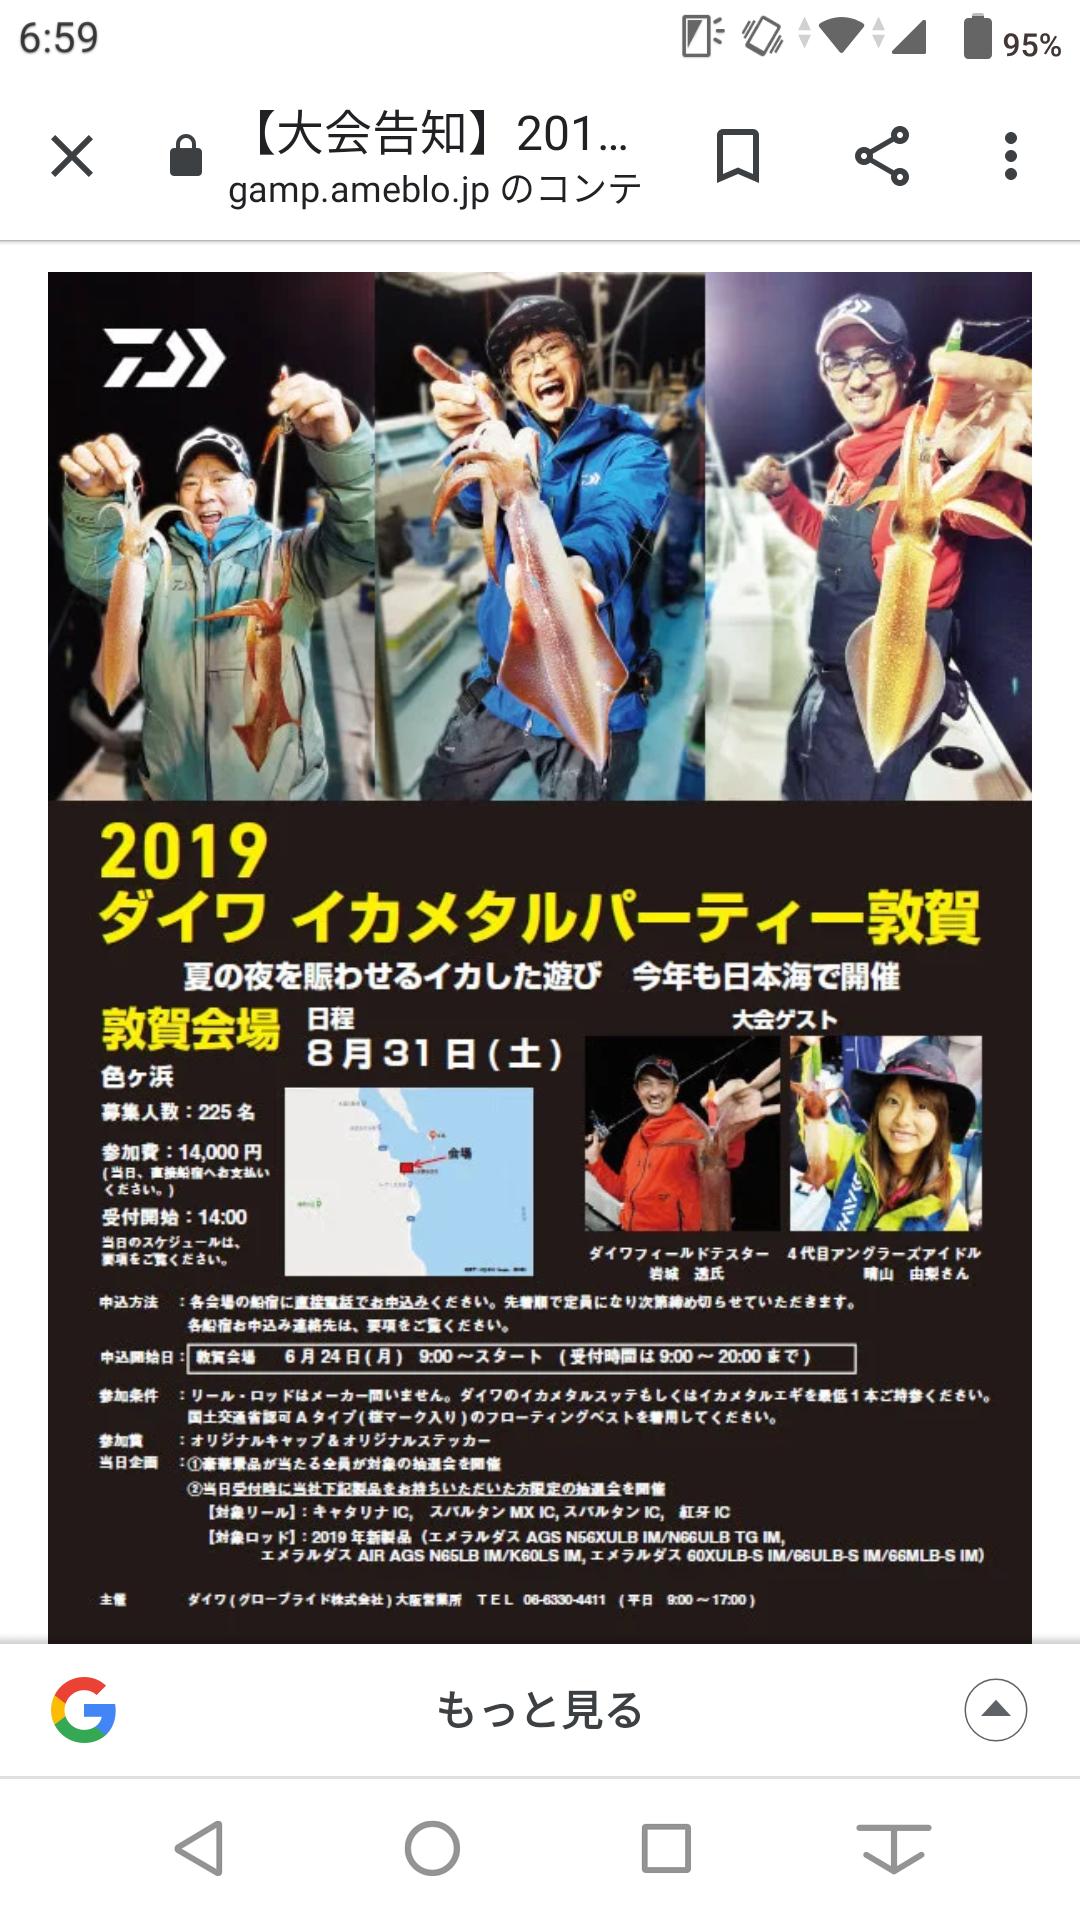 2019 ダイワイカメタルパーティー開催♪♪♪